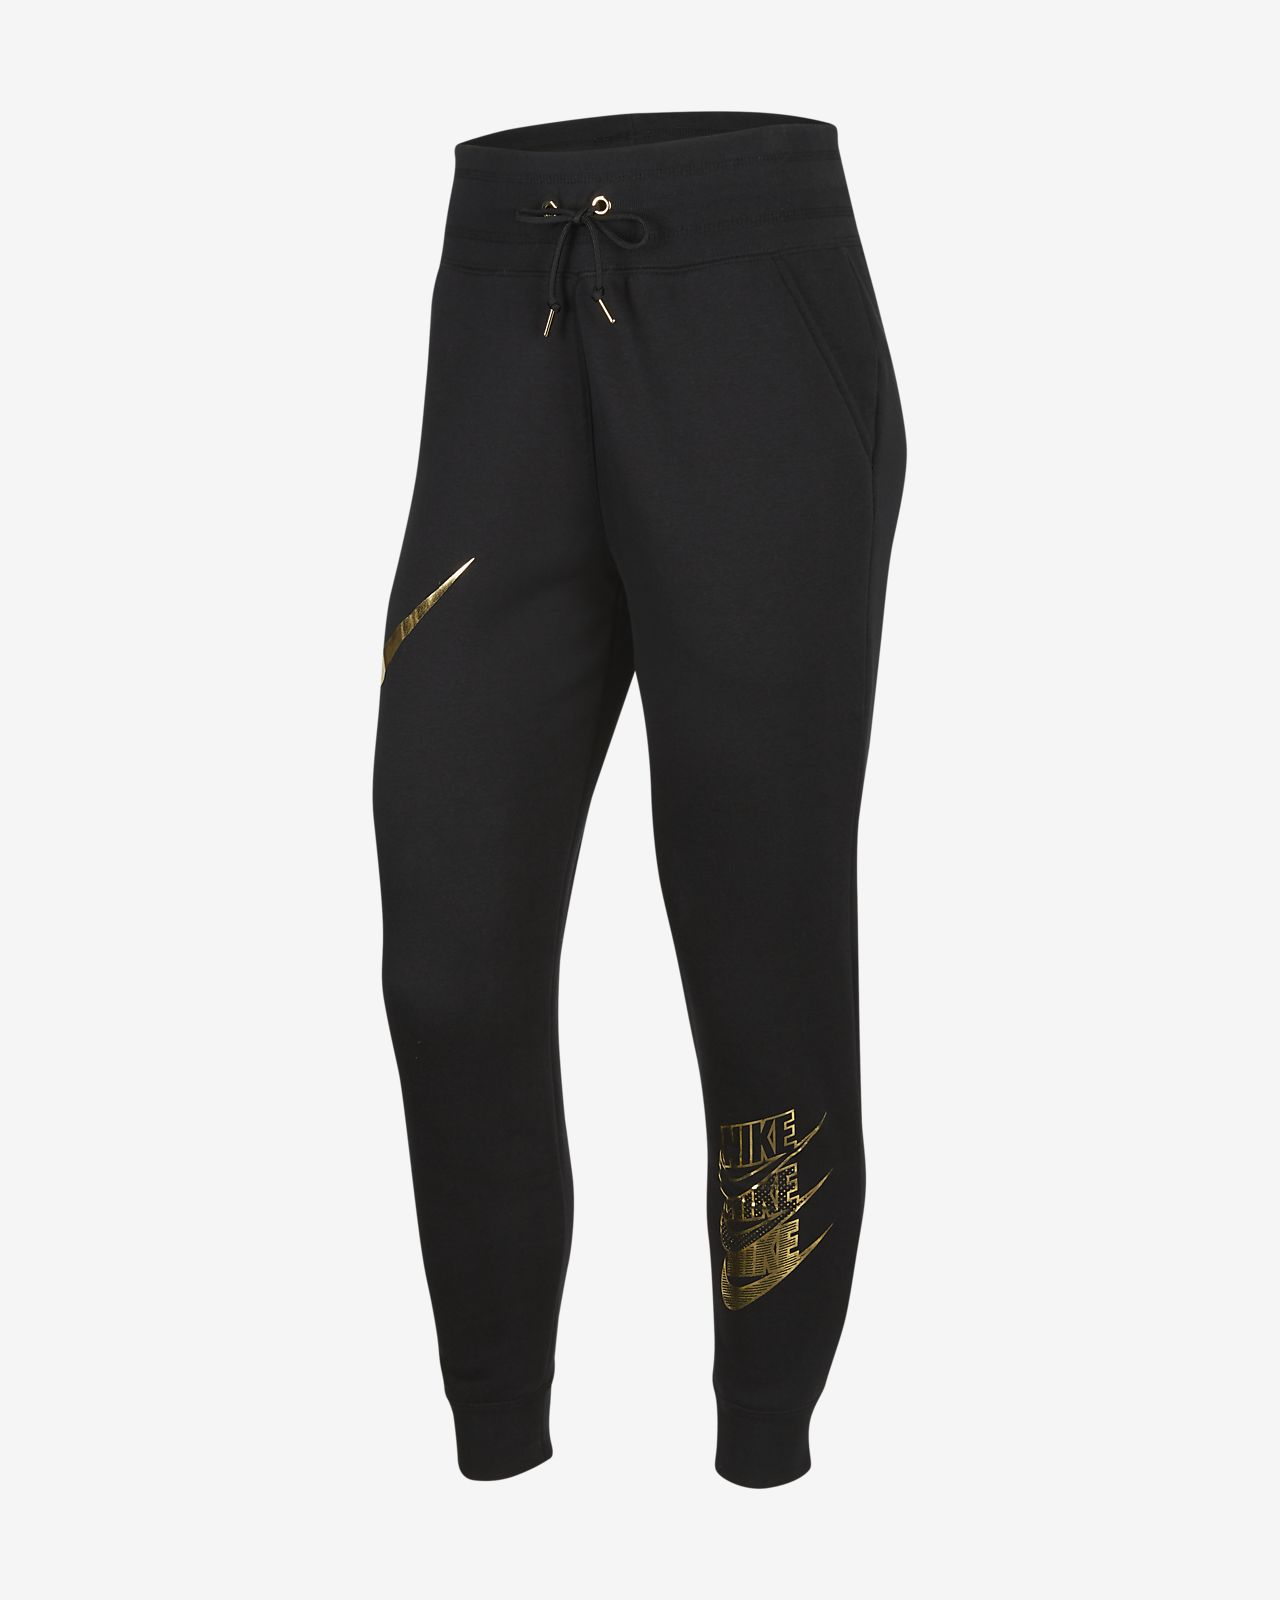 Nike Sportswear Women's Trousers